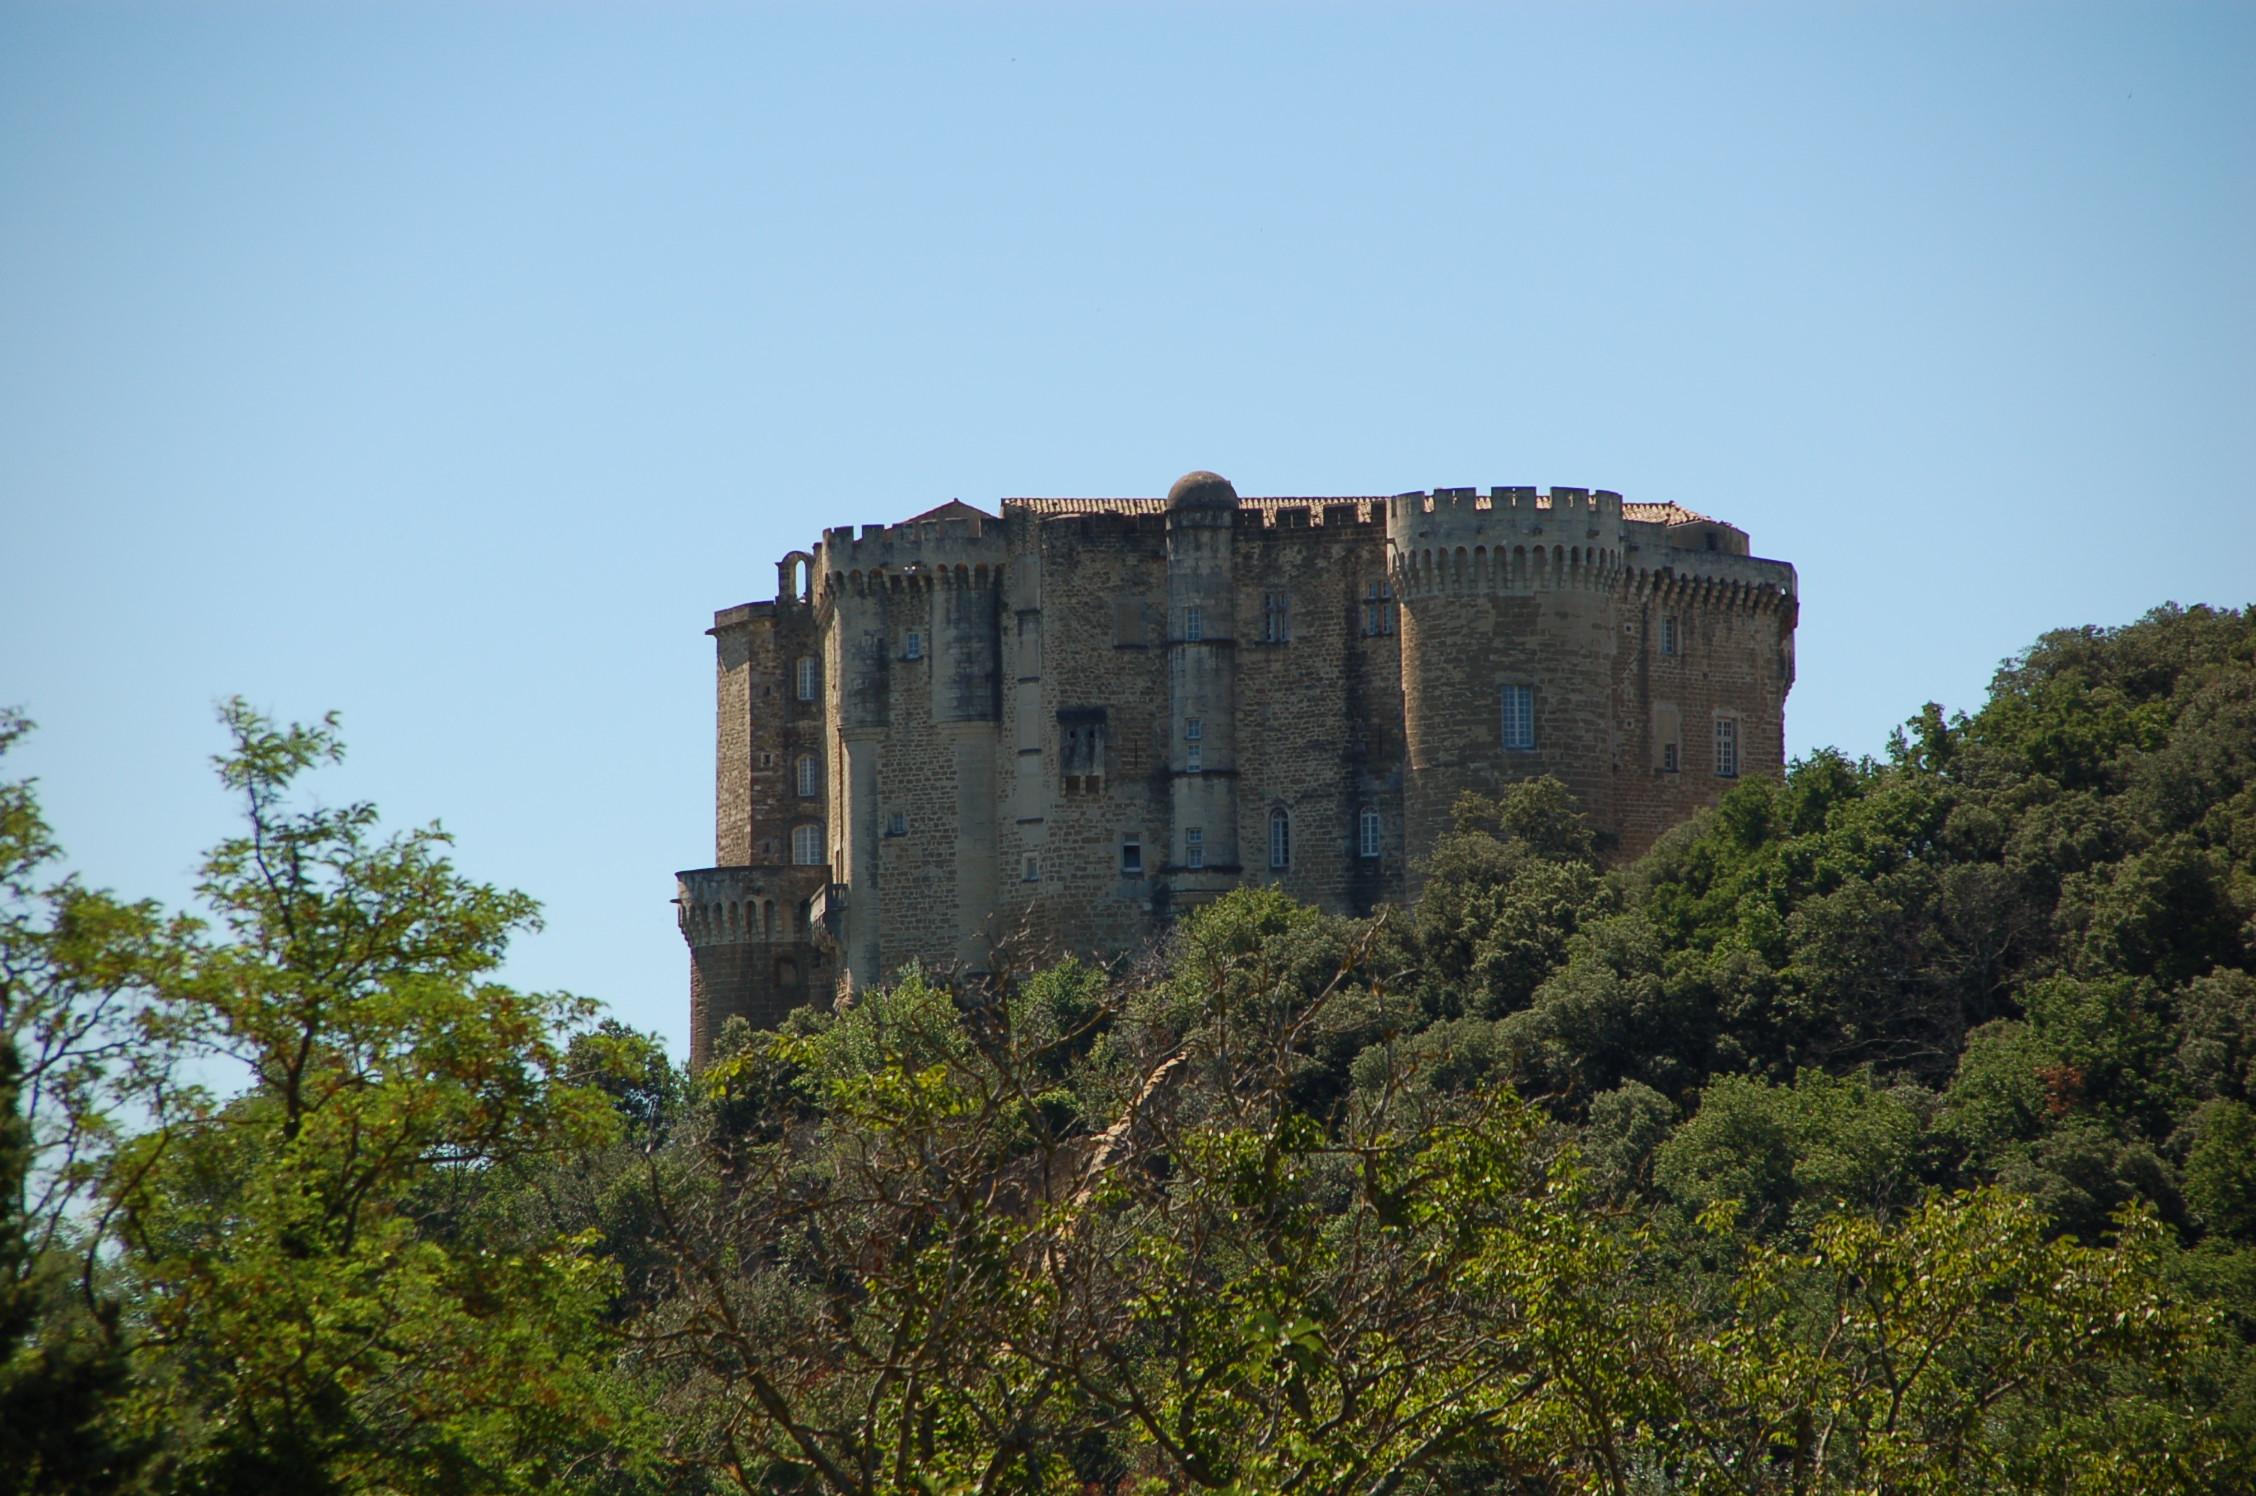 File:Château de Suze-la-Rousse.jpeg - Wikimedia Commons